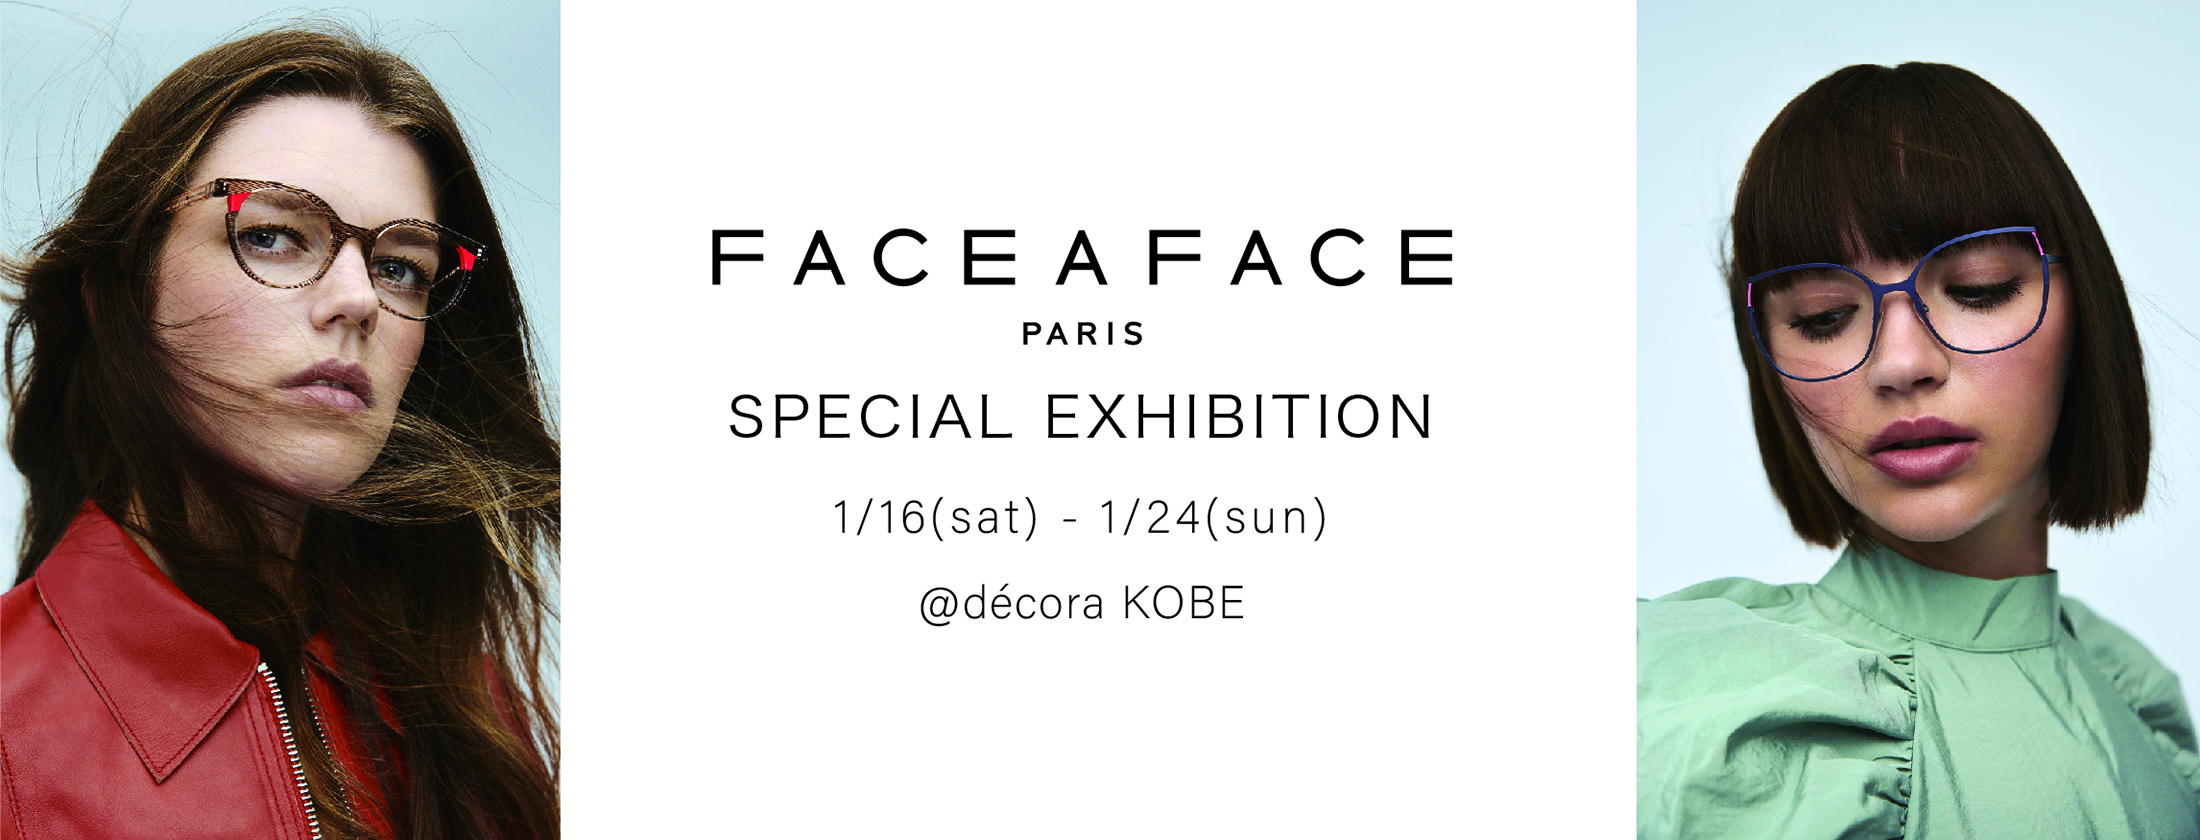 """FACE A FACE SPECIAL EXHIBITION @decora KOBE"""""""